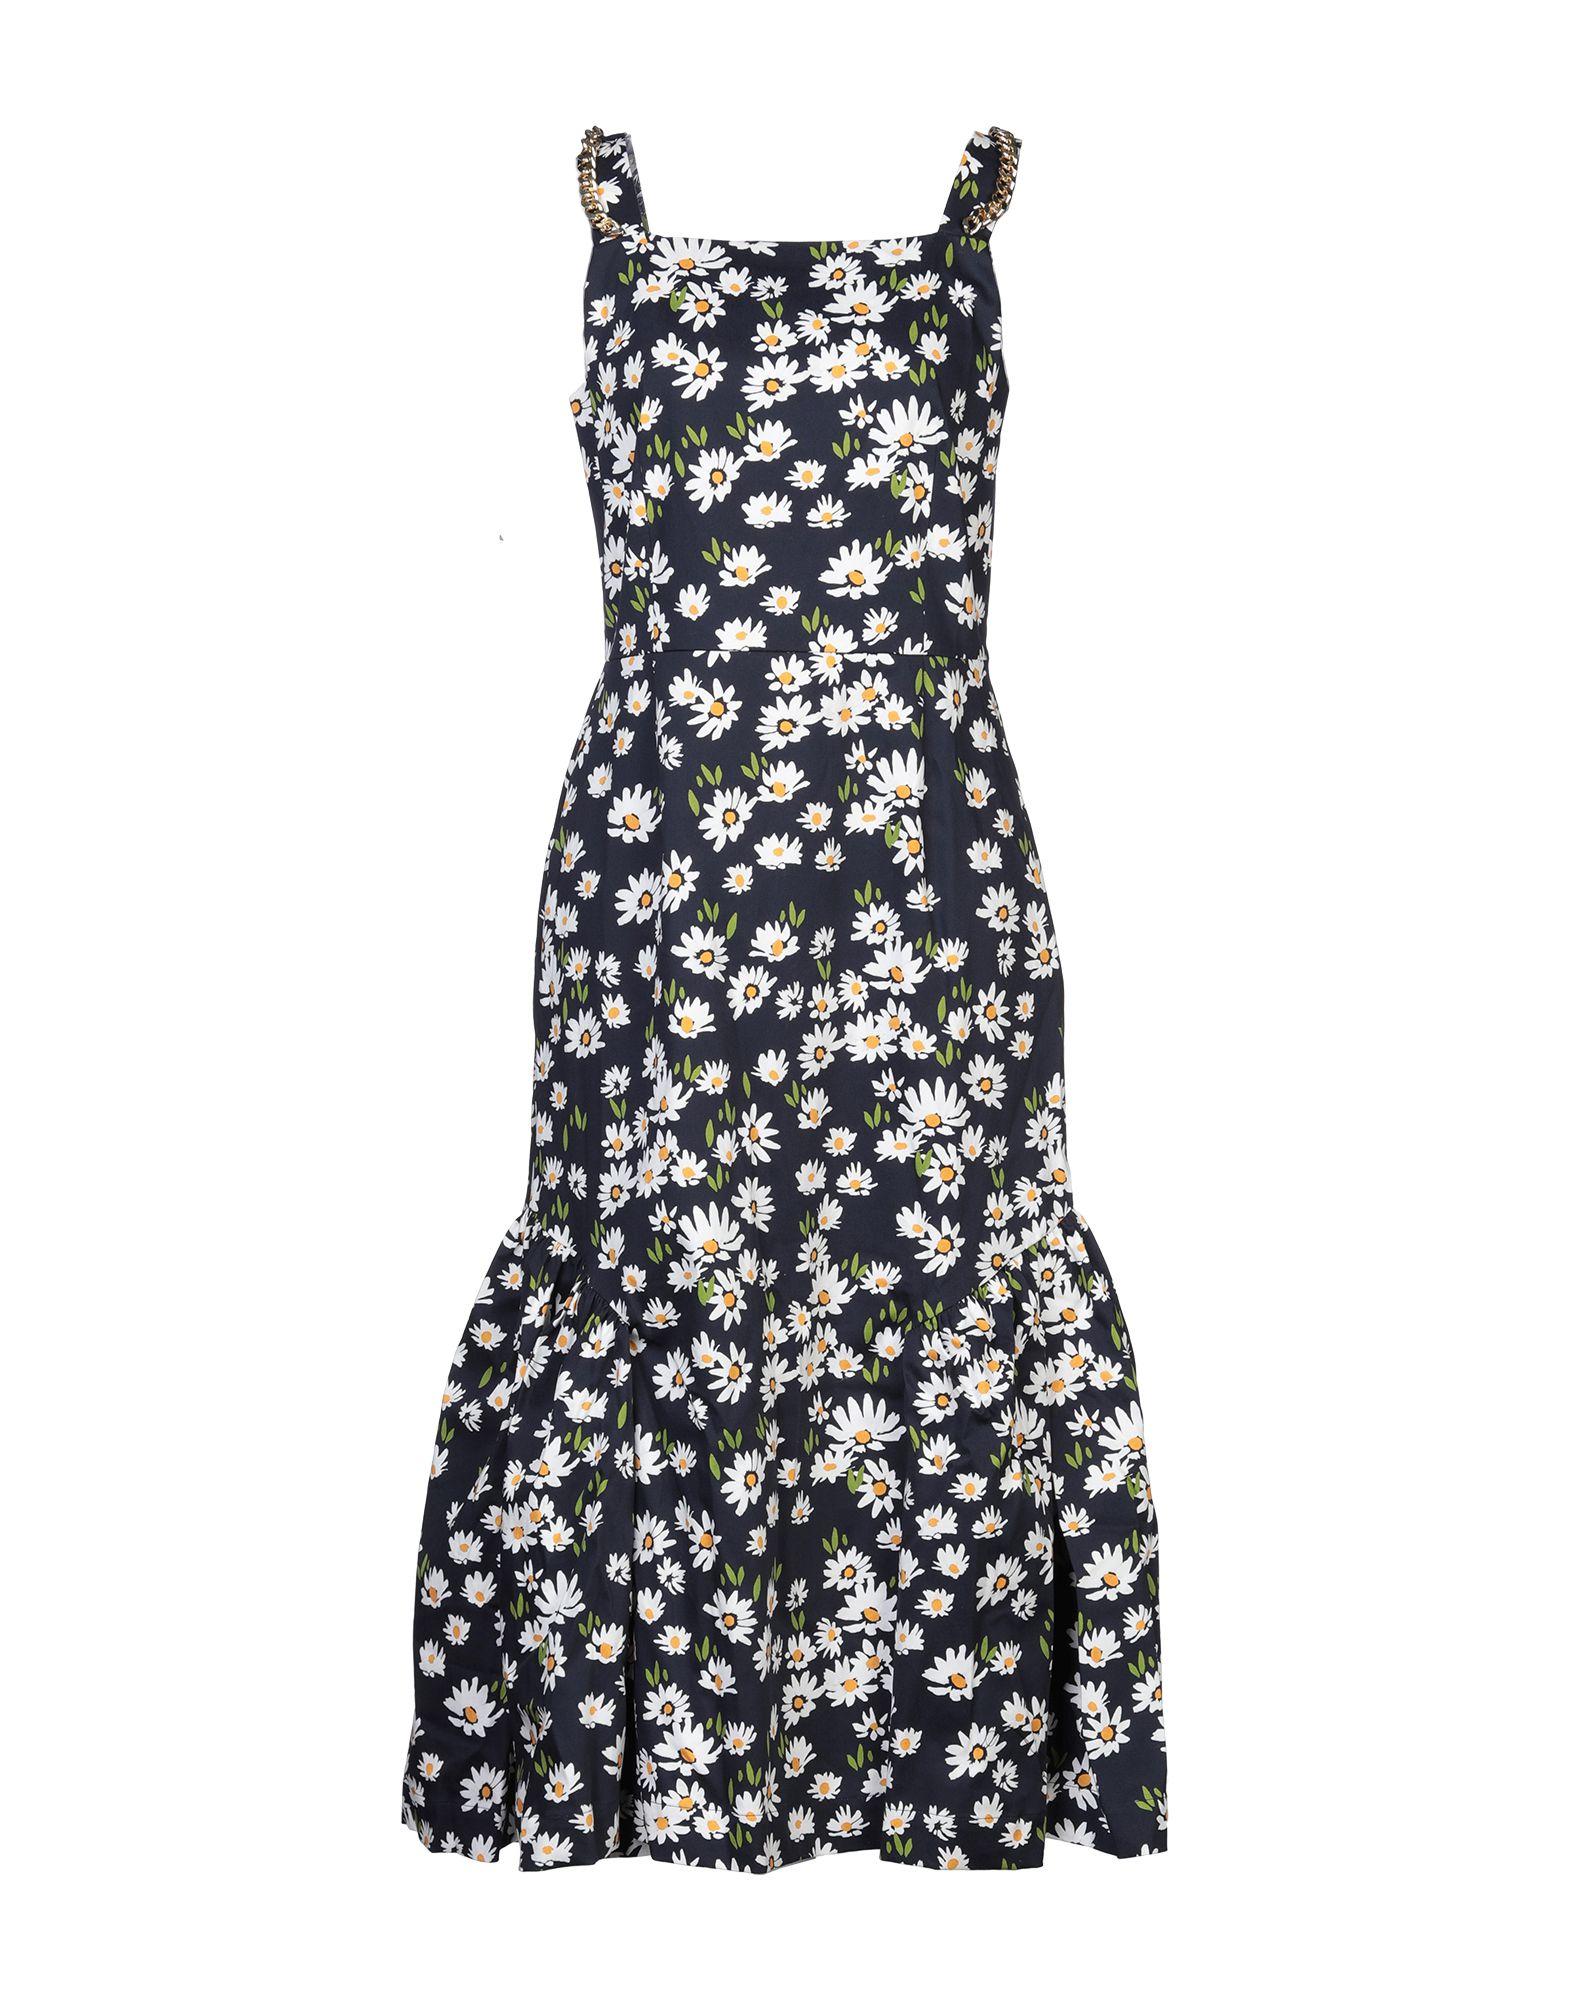 MOTHER OF PEARL Платье длиной 3/4 шторы для комнаты blackout комплект штор блэкаут софт b531 2 морская волна 200 270 см